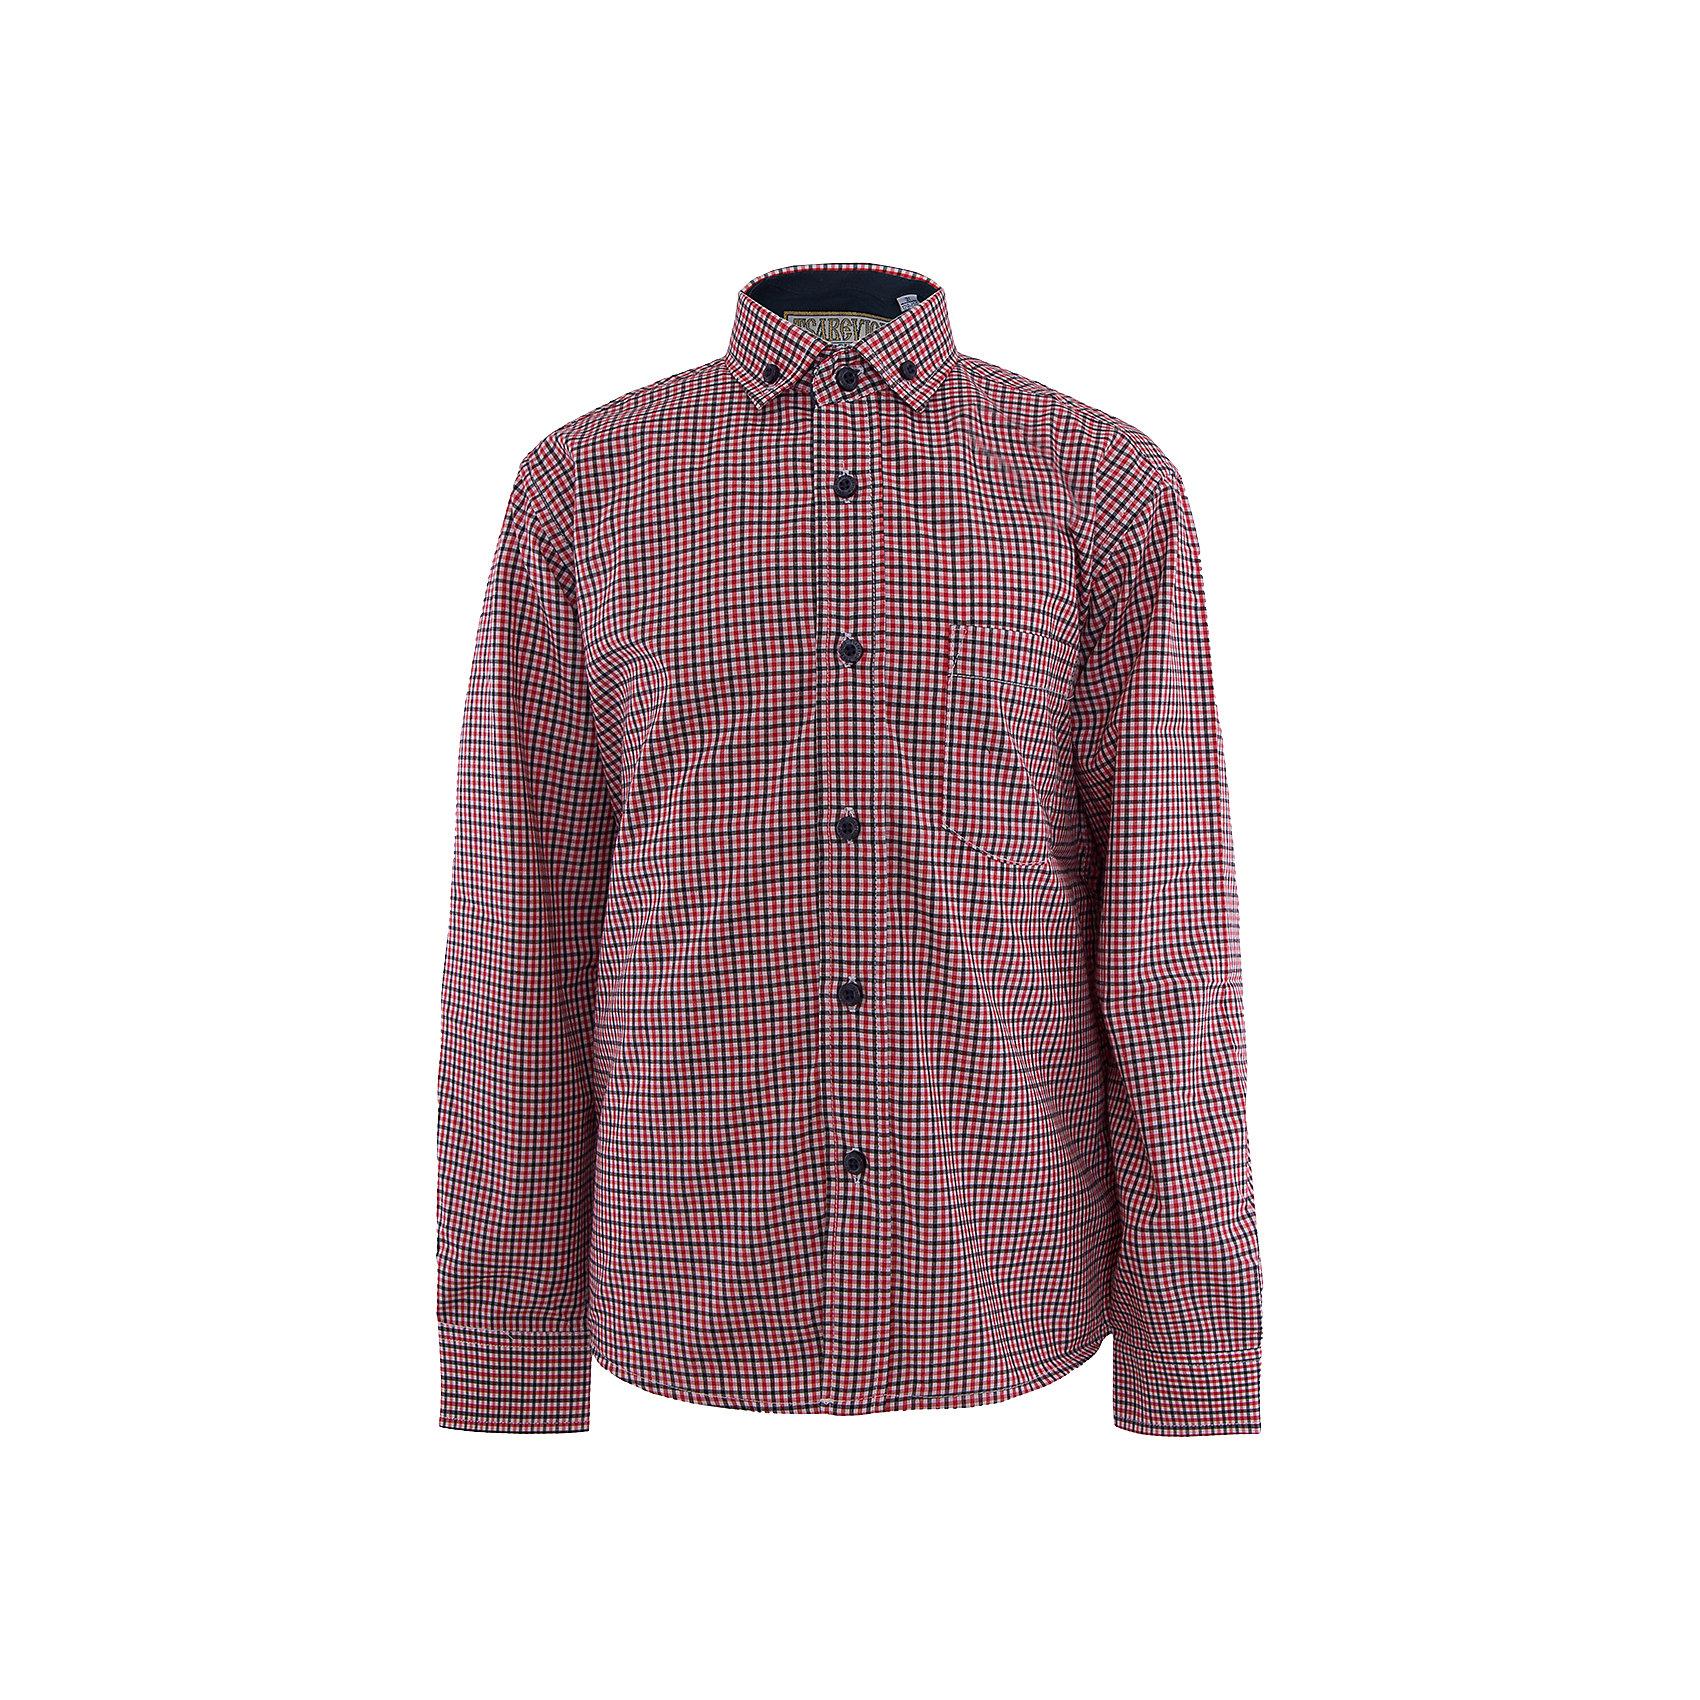 Рубашка для мальчика TsarevichБлузки и рубашки<br>Рубашка для мальчика от российской марки Tsarevich<br><br>Стильная клетчатая рубашка с длинным рукавом хорошо сидит, не стесняет движения. Материал - гипоаллергенный, дышащий и приятный на ощупь.<br><br>Особенности модели:<br><br>- материал - легкий, с содержанием хлопка;<br>- цвет - в клетку, белый, красный, синий;<br>- карман на груди с пуговицей;<br>- рукав длинный;<br>- застежки-пуговицы;<br>- манжеты;<br>- отложной воротник;<br>- пуговицы на манжетах.<br><br>Дополнительная информация:<br><br>Состав: 80% хлопок, 20% полиэстер<br><br>Габариты:<br><br>длина рукава - 47 см;<br>длина по спинке - 56 см.<br><br>* соответствует размеру 30/128-134<br><br>Уход за изделием:<br><br>стирка в машине при температуре до 40°С,<br>не отбеливать,<br>гладить на средней температуре.<br><br>Рубашку для мальчика от российской марки Tsarevich (Царевич) можно купить в нашем магазине.<br><br>Ширина мм: 174<br>Глубина мм: 10<br>Высота мм: 169<br>Вес г: 157<br>Цвет: красный<br>Возраст от месяцев: 84<br>Возраст до месяцев: 96<br>Пол: Мужской<br>Возраст: Детский<br>Размер: 146/152,122/128,164/170,158/164,140/146,134/140,152/158,128/134<br>SKU: 4295881